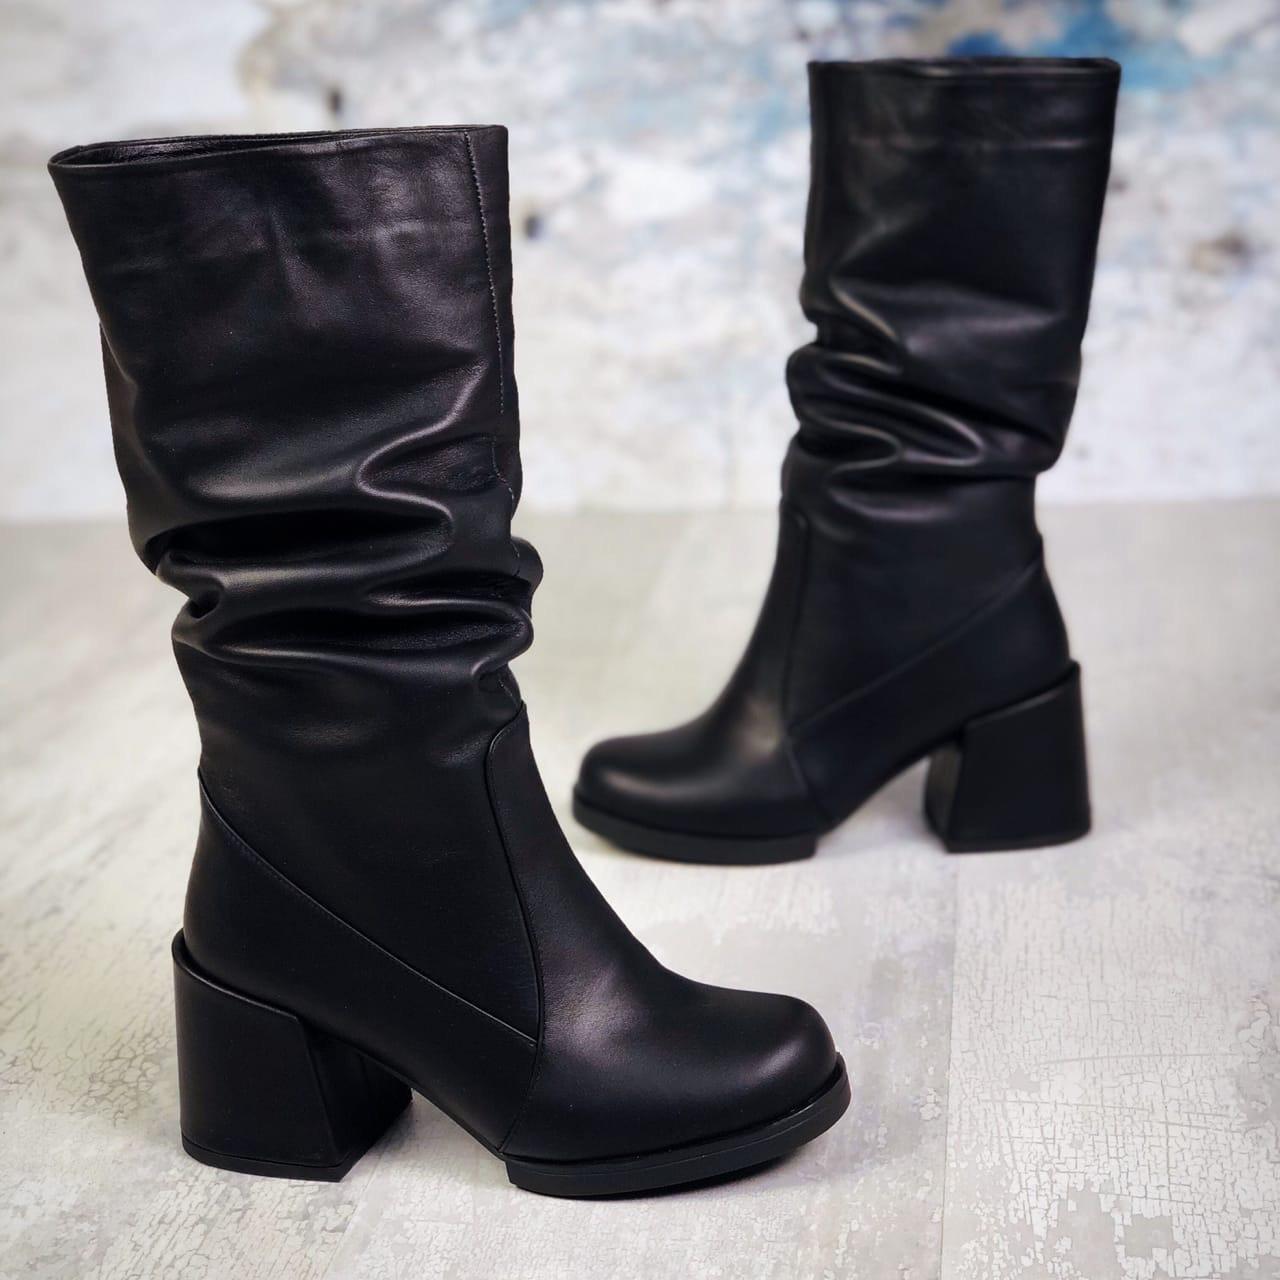 Зимние кожаные сапоги  на каблуке 36-40 р чёрный